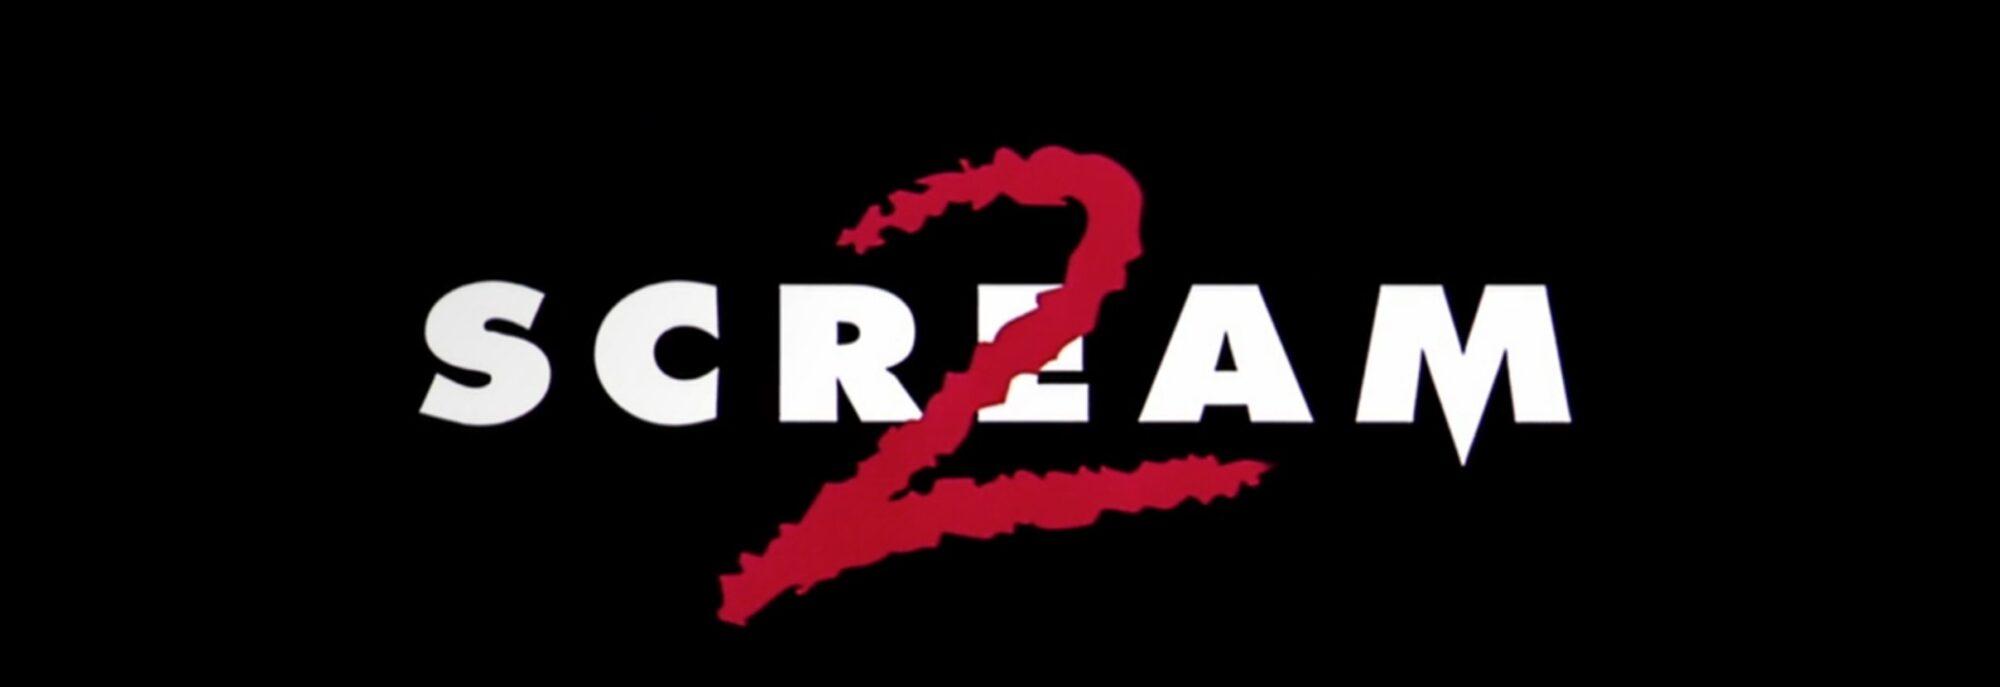 scream 2 title